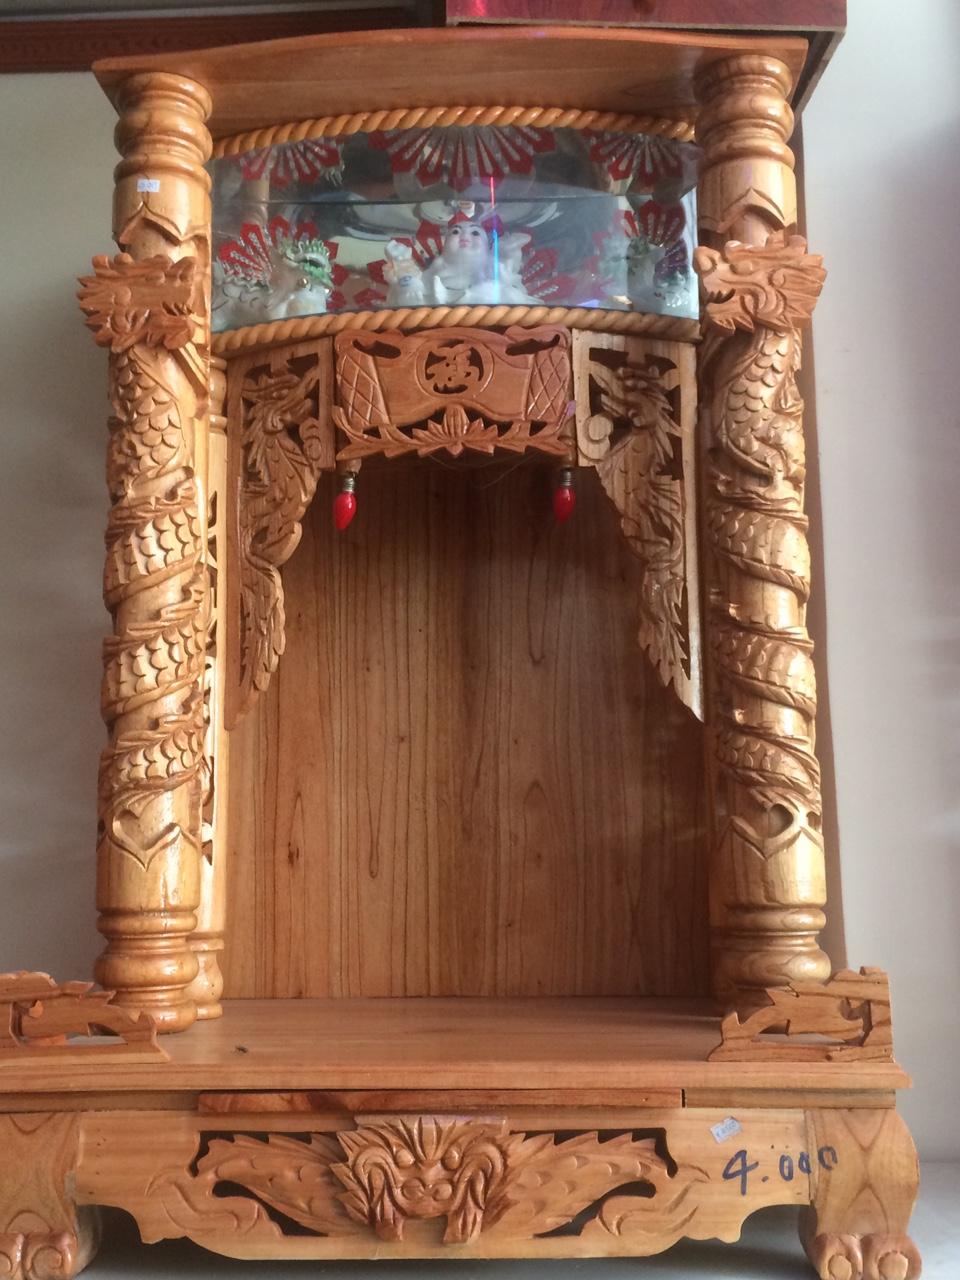 Địa chỉ bán bàn thờ ông địa đẹp giá rẻ tại Gò Vấp tphcm